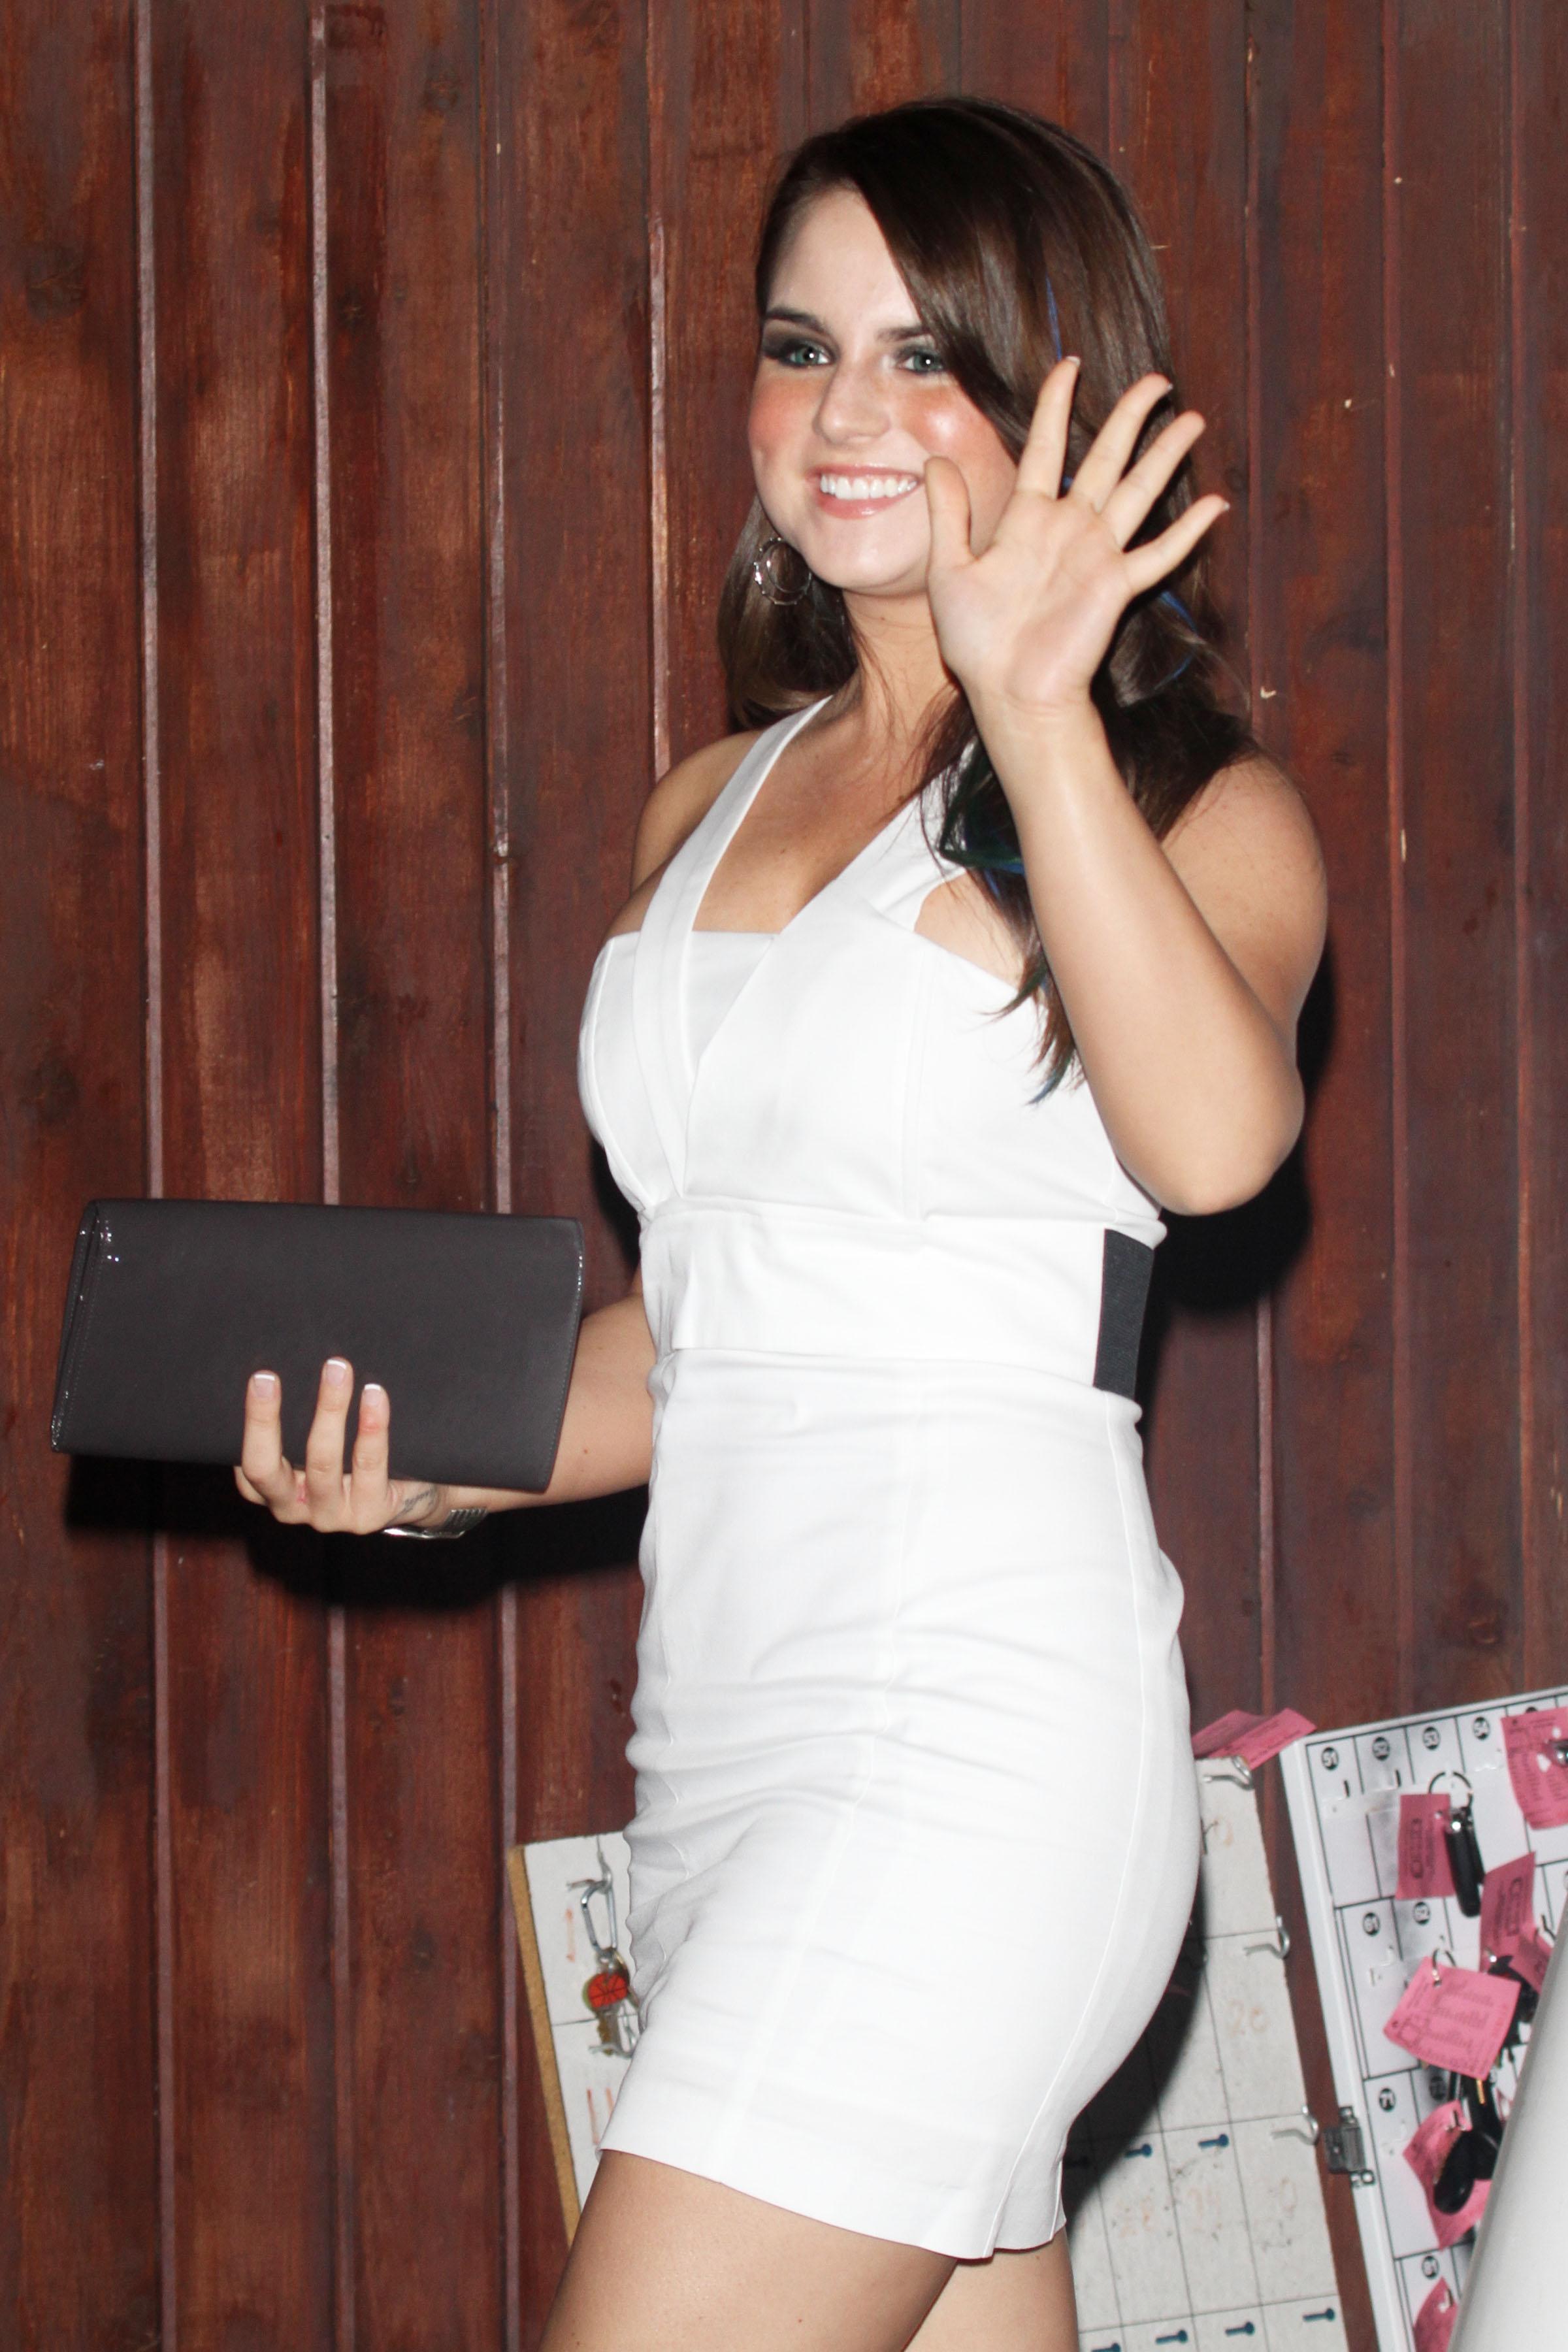 73761_Joanna_JoJo_Levesque_arrives_to_celebrate_Katy_Perrys_25th_birthday_party-2_122_121lo.jpg